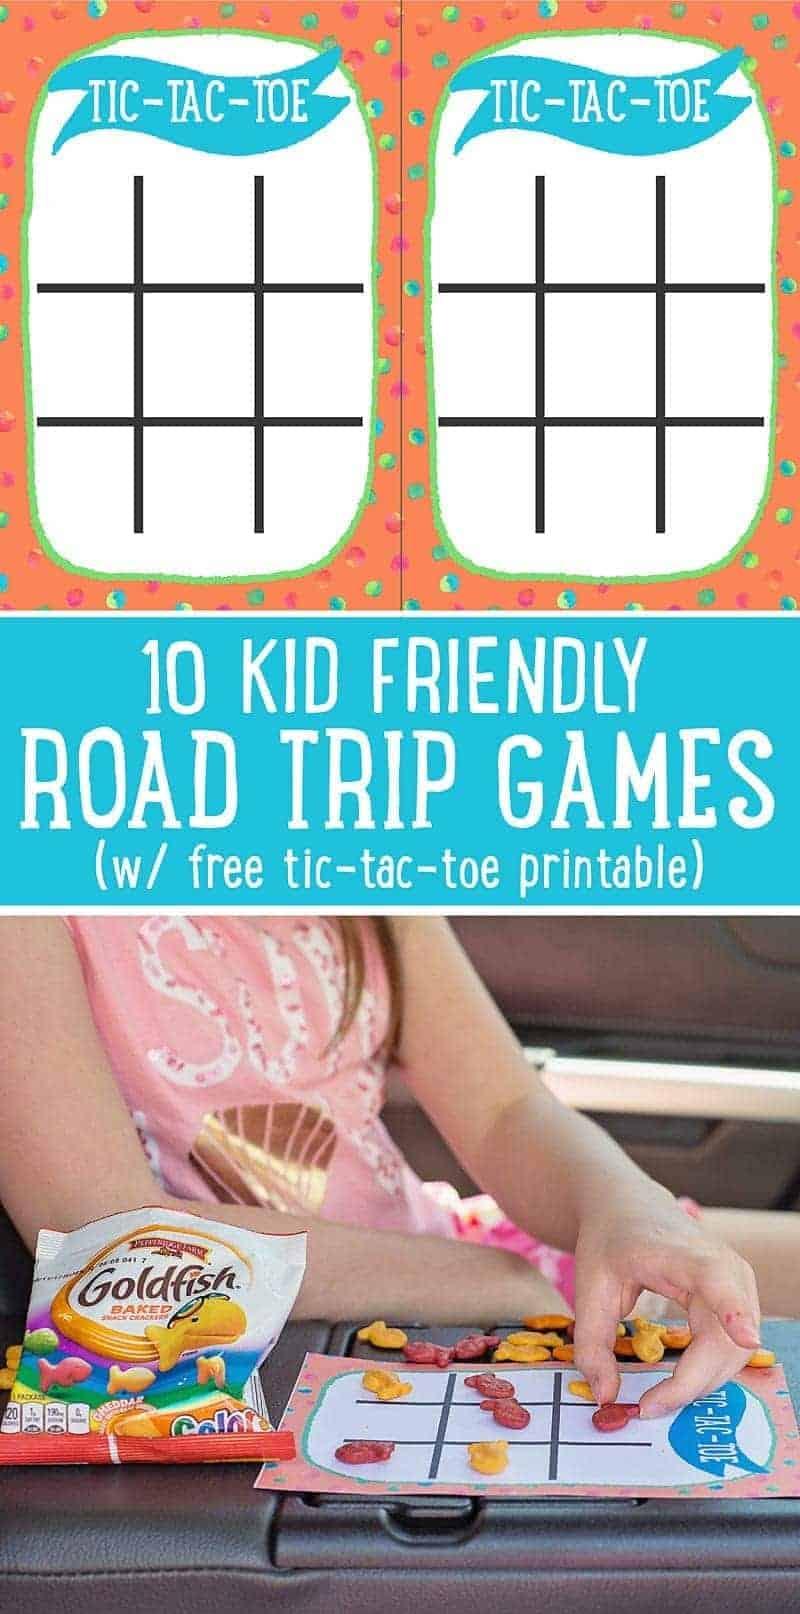 Tic Tac Toe Road Trip Game Printable (+ 9 more road trip game ideas)